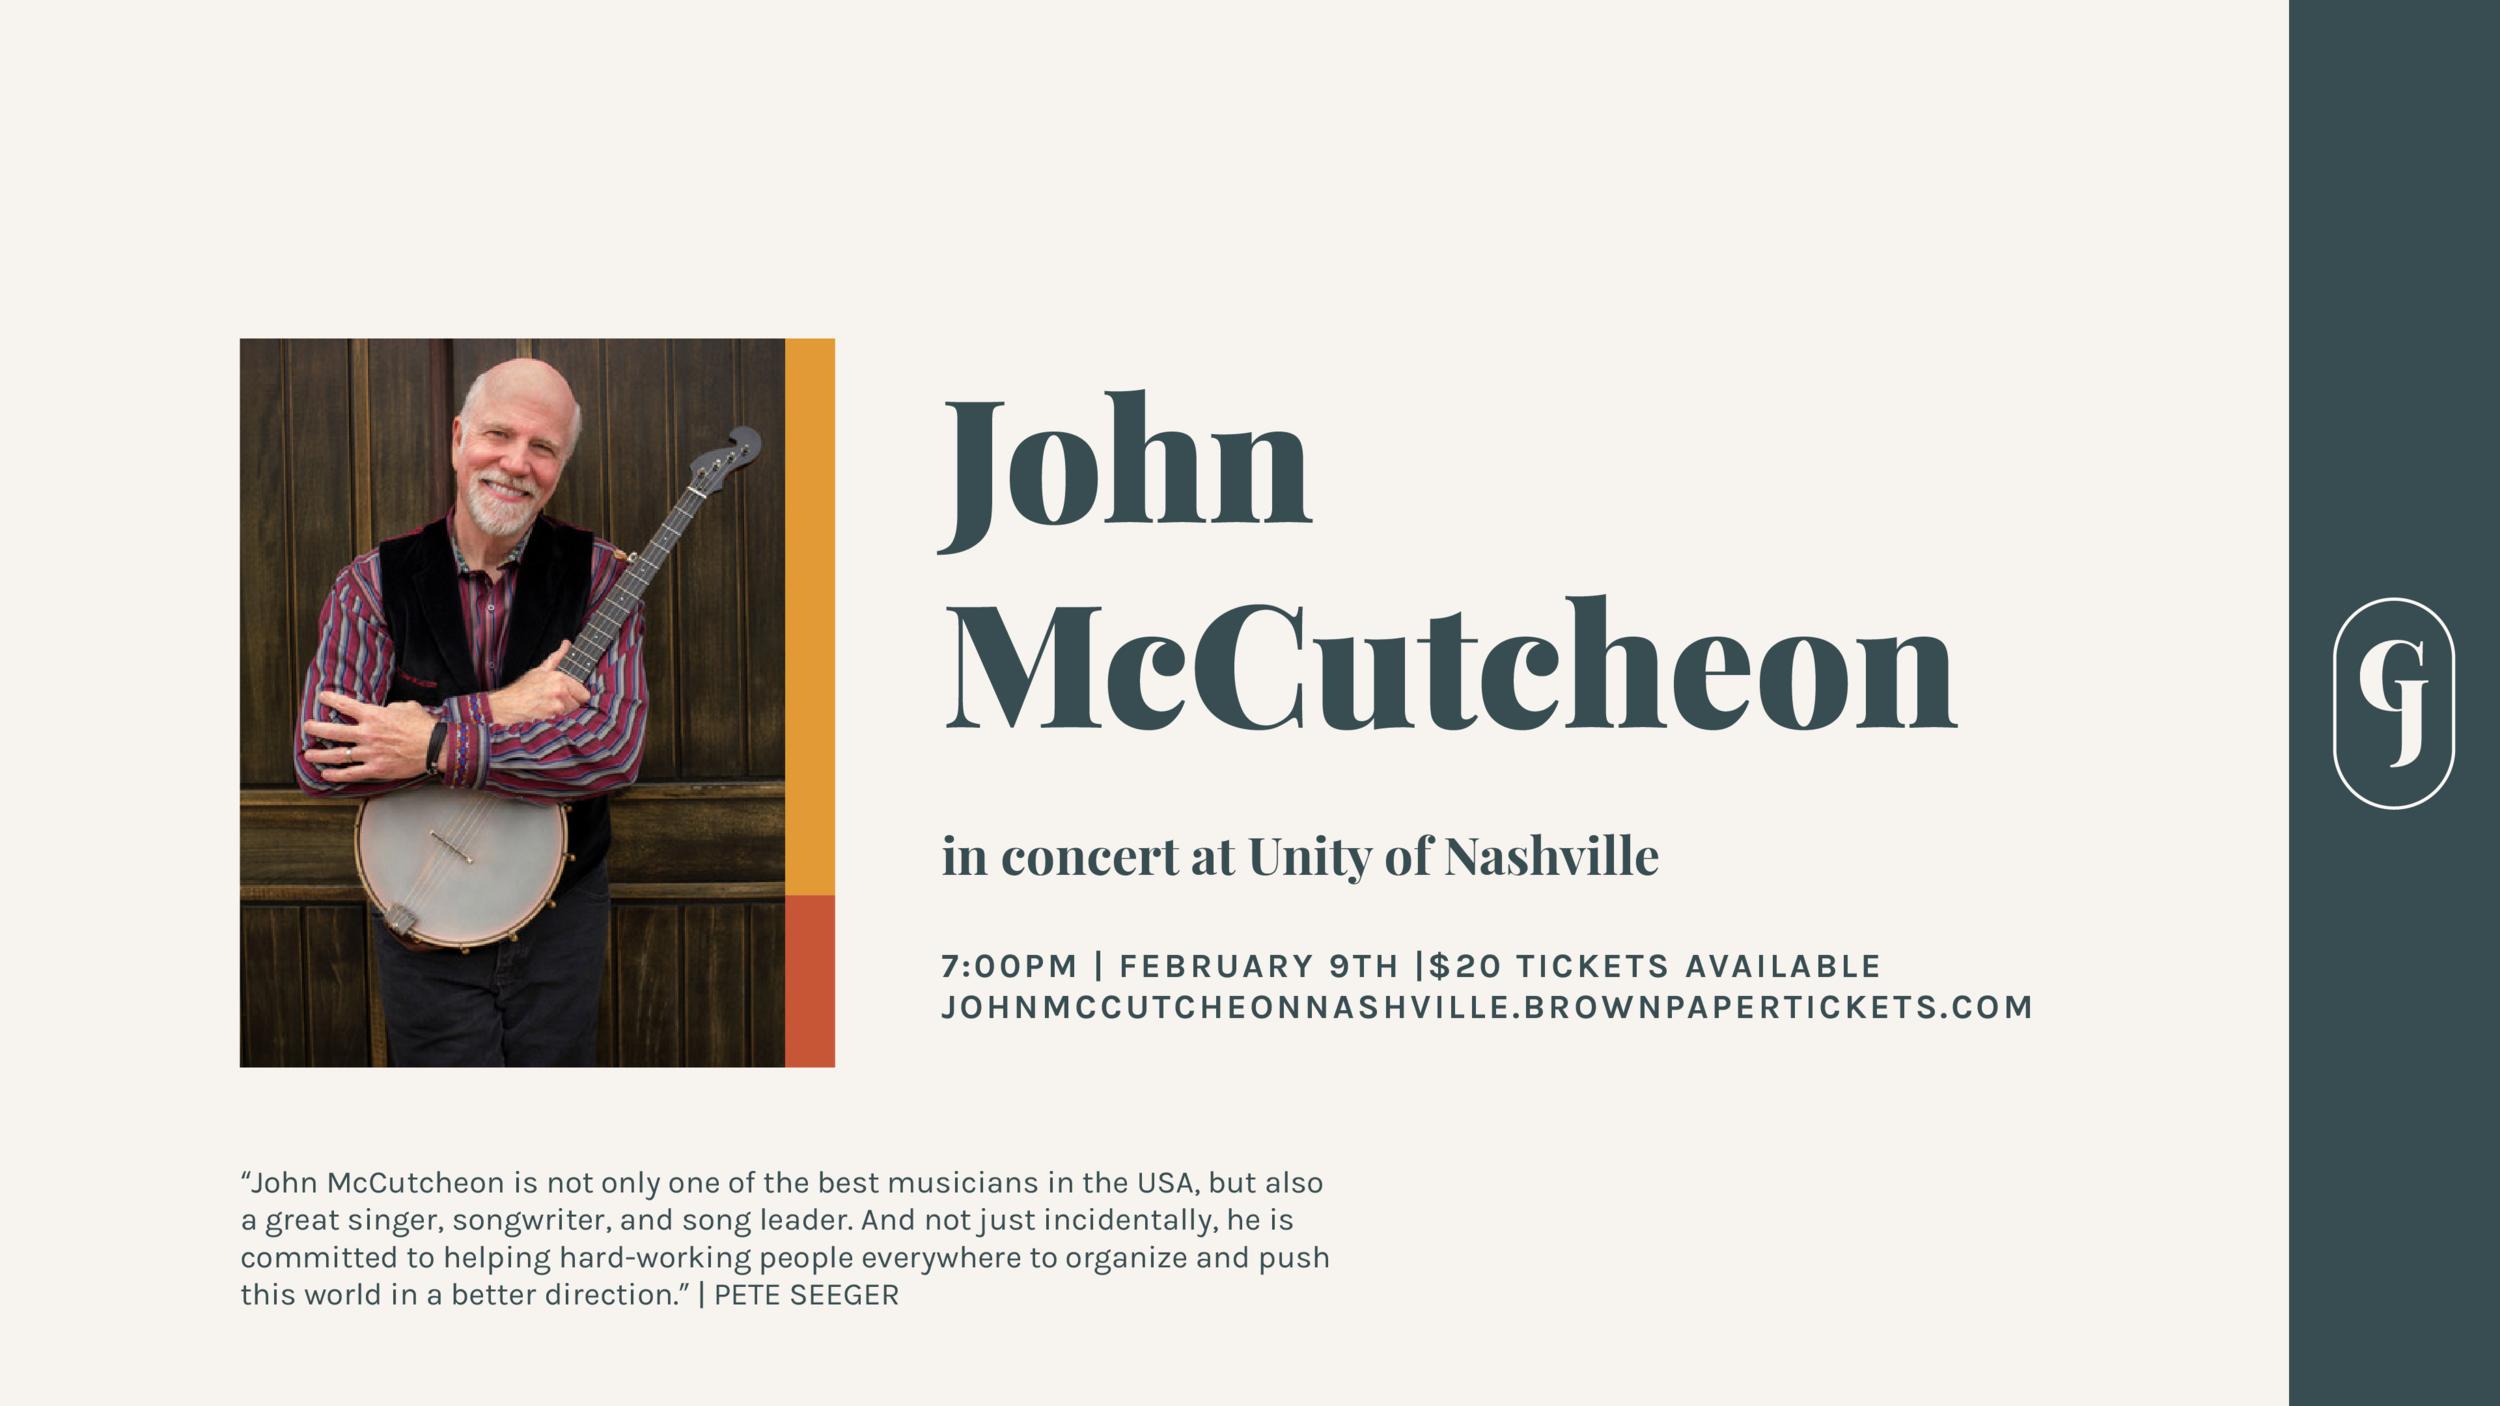 John McCutcheon Concert Ad BannerArtboard 1.png